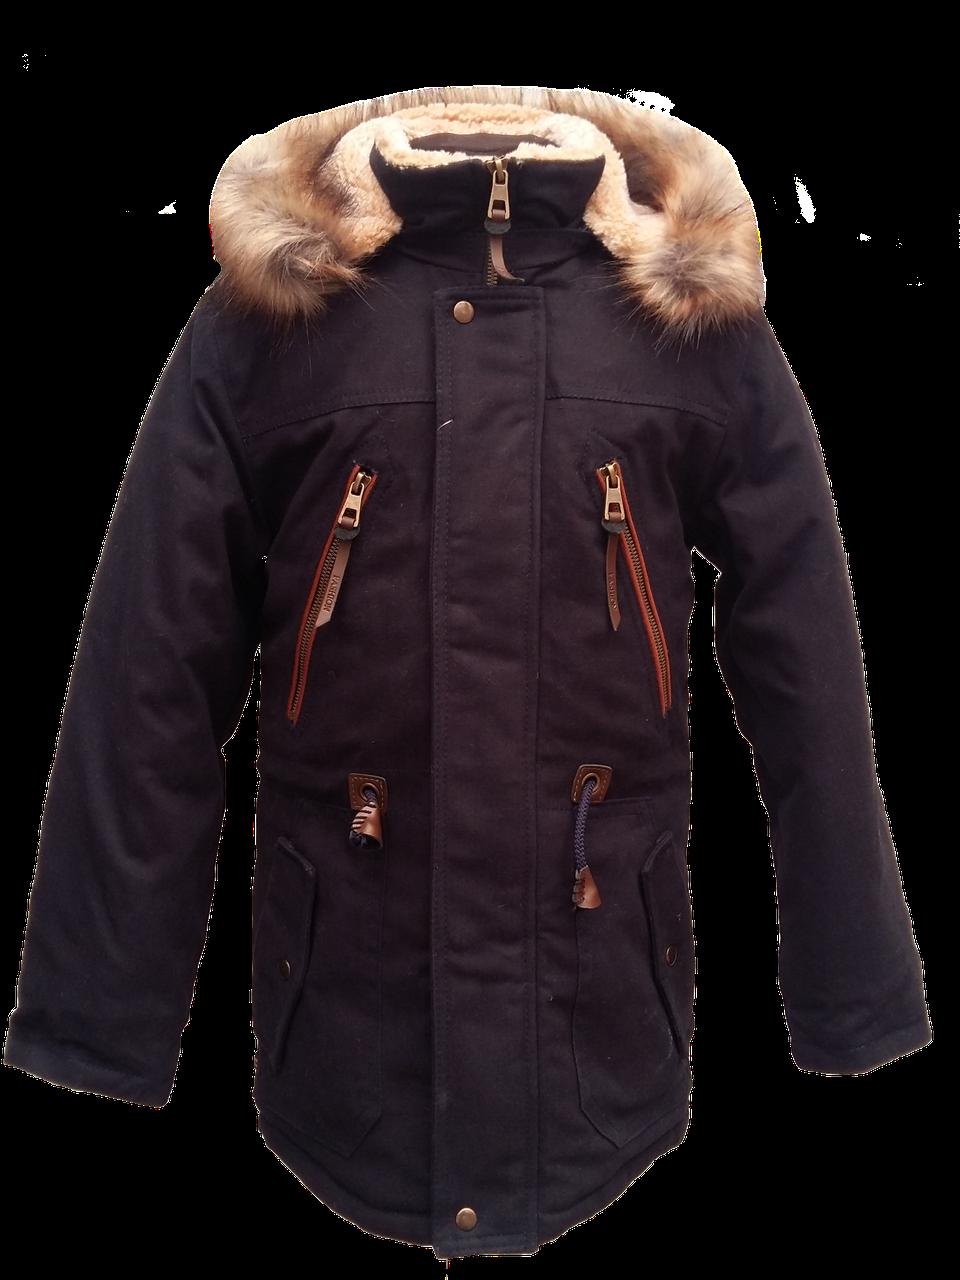 Куртка зимняя с капюшоном на мальчика парка 5662